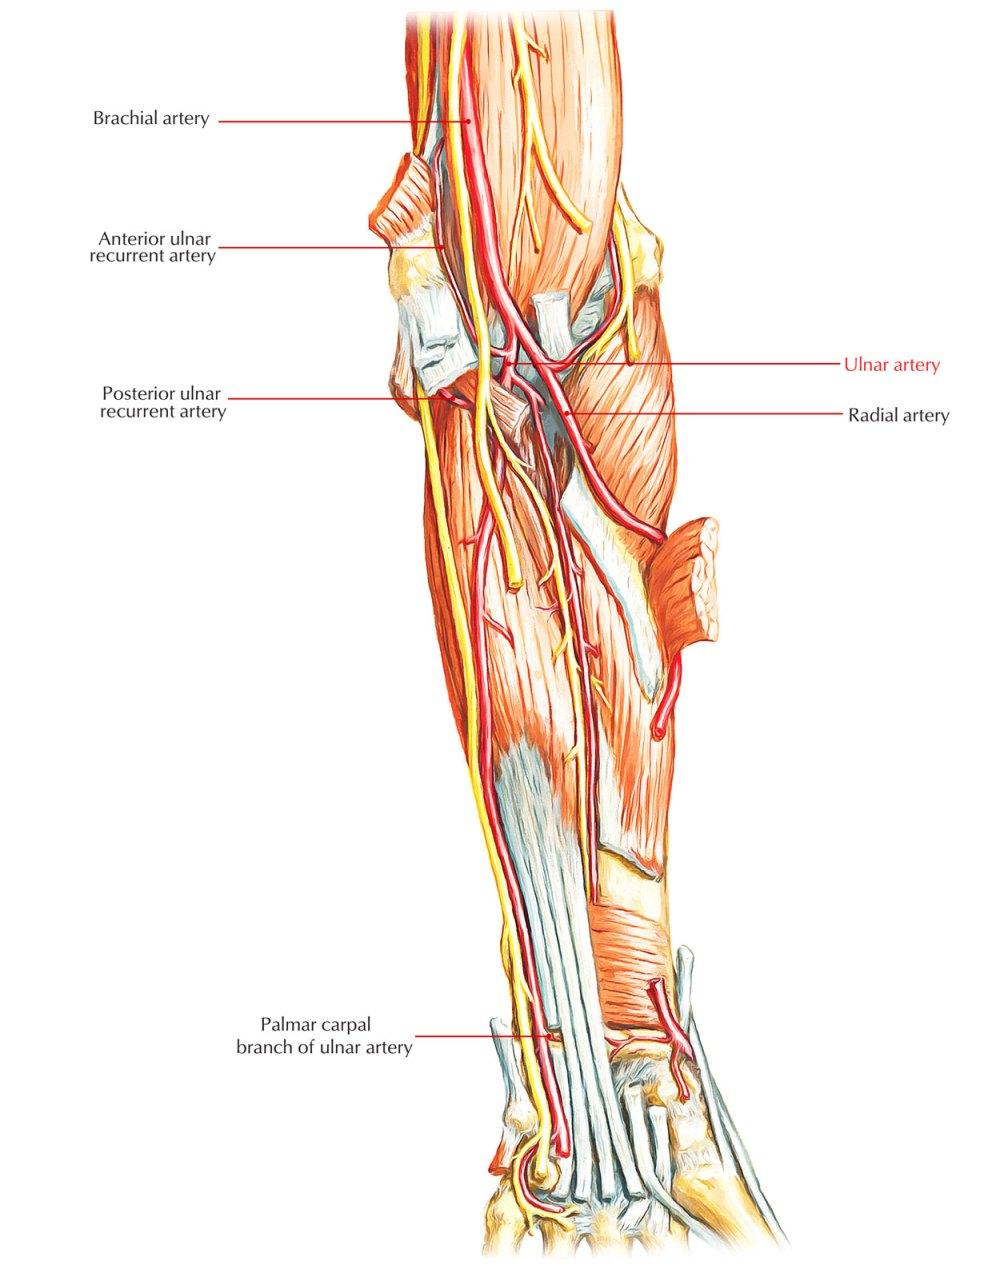 medium resolution of arteries of upper limb ulnar artery